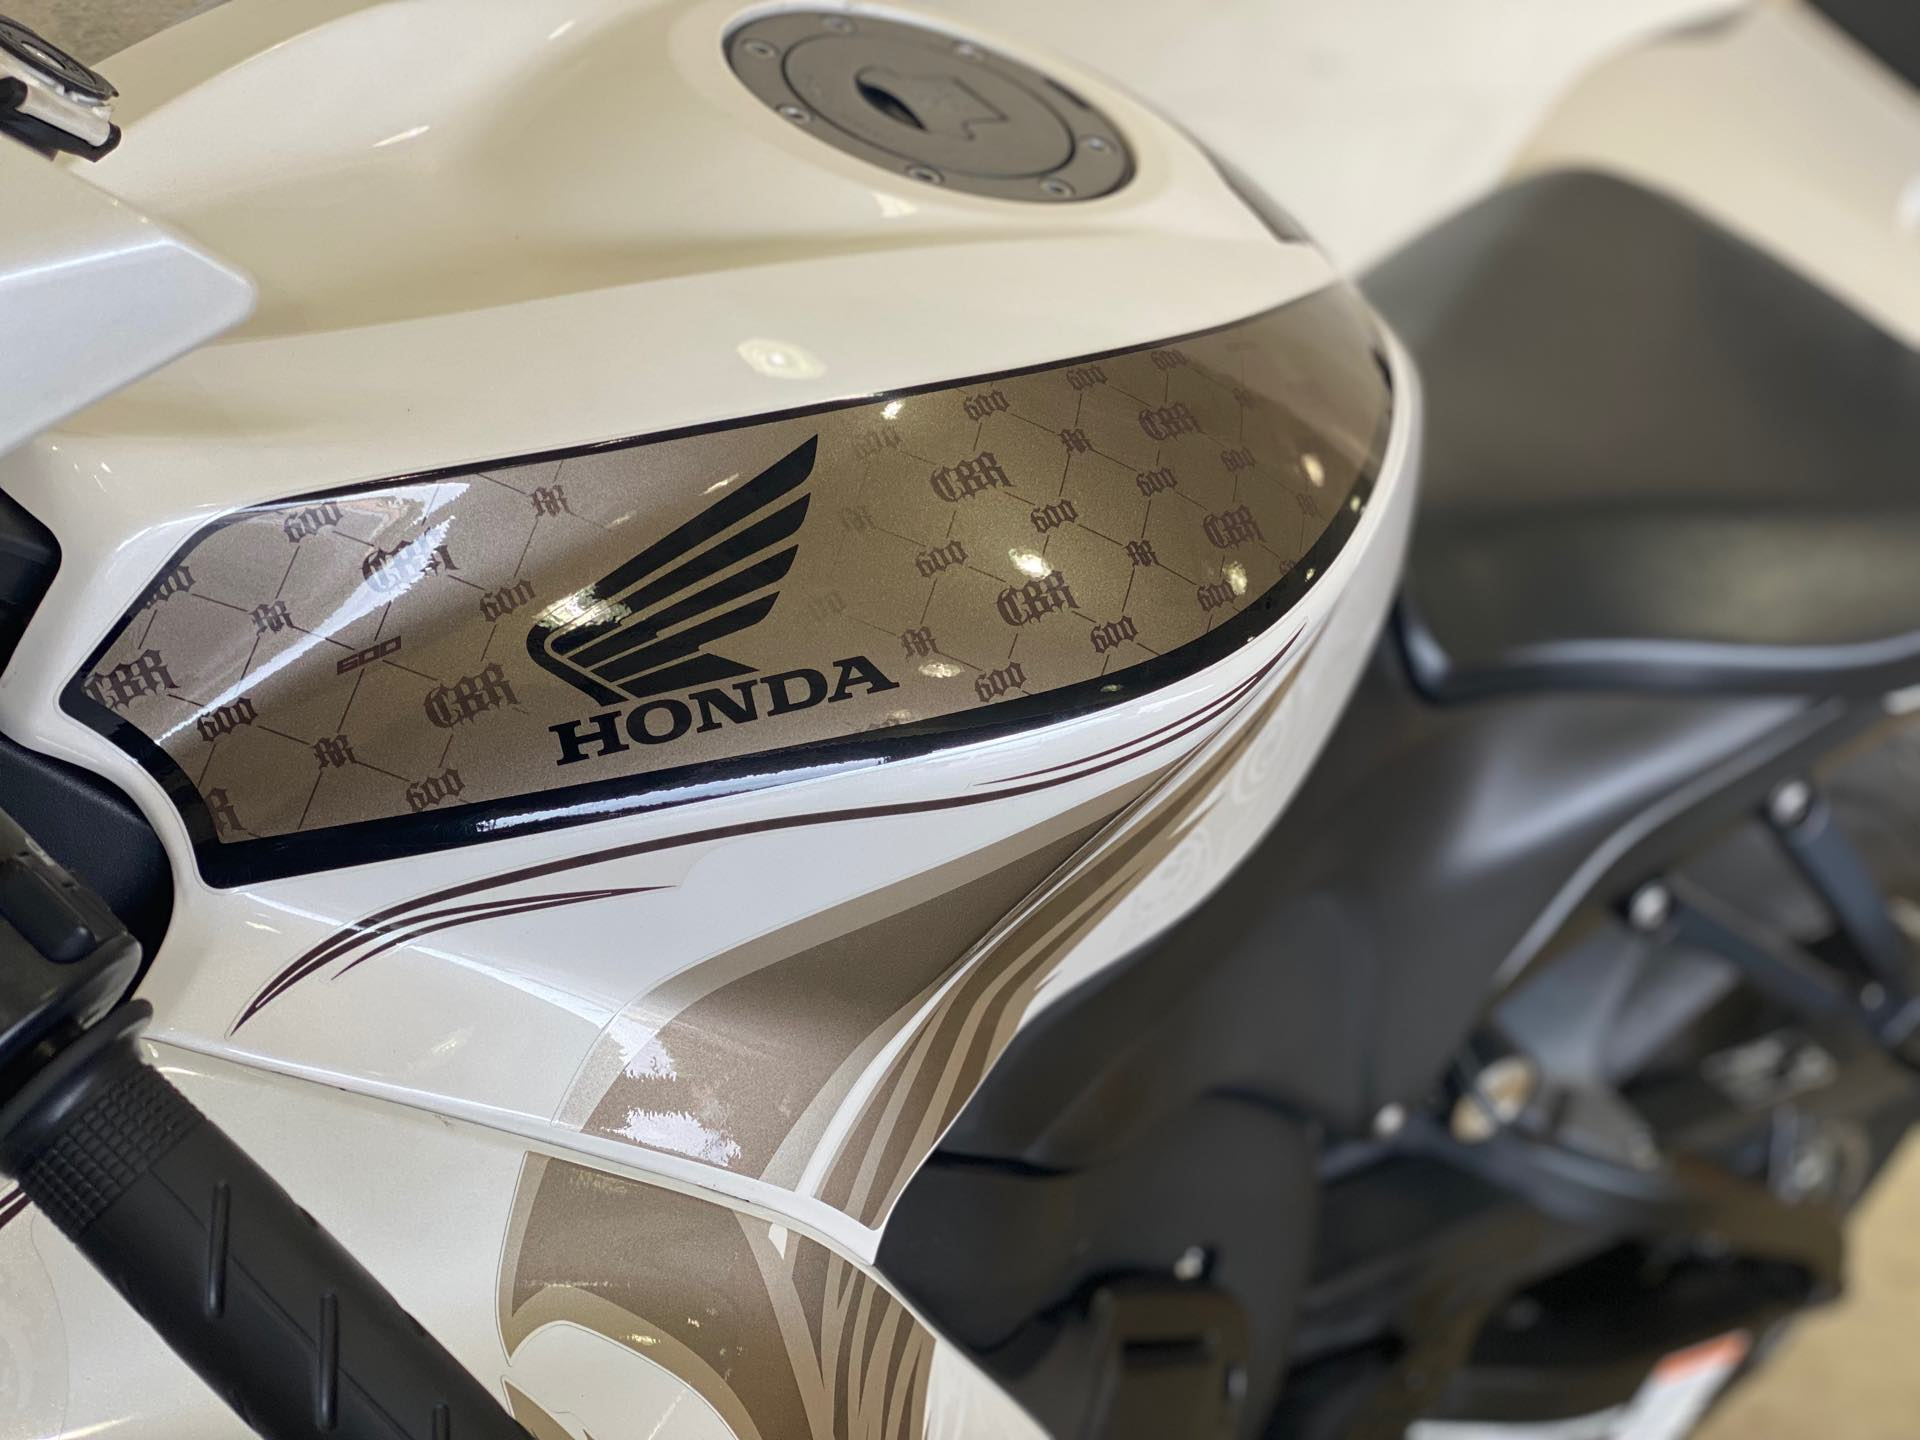 2009 Honda CBR 600RR at Twisted Cycles